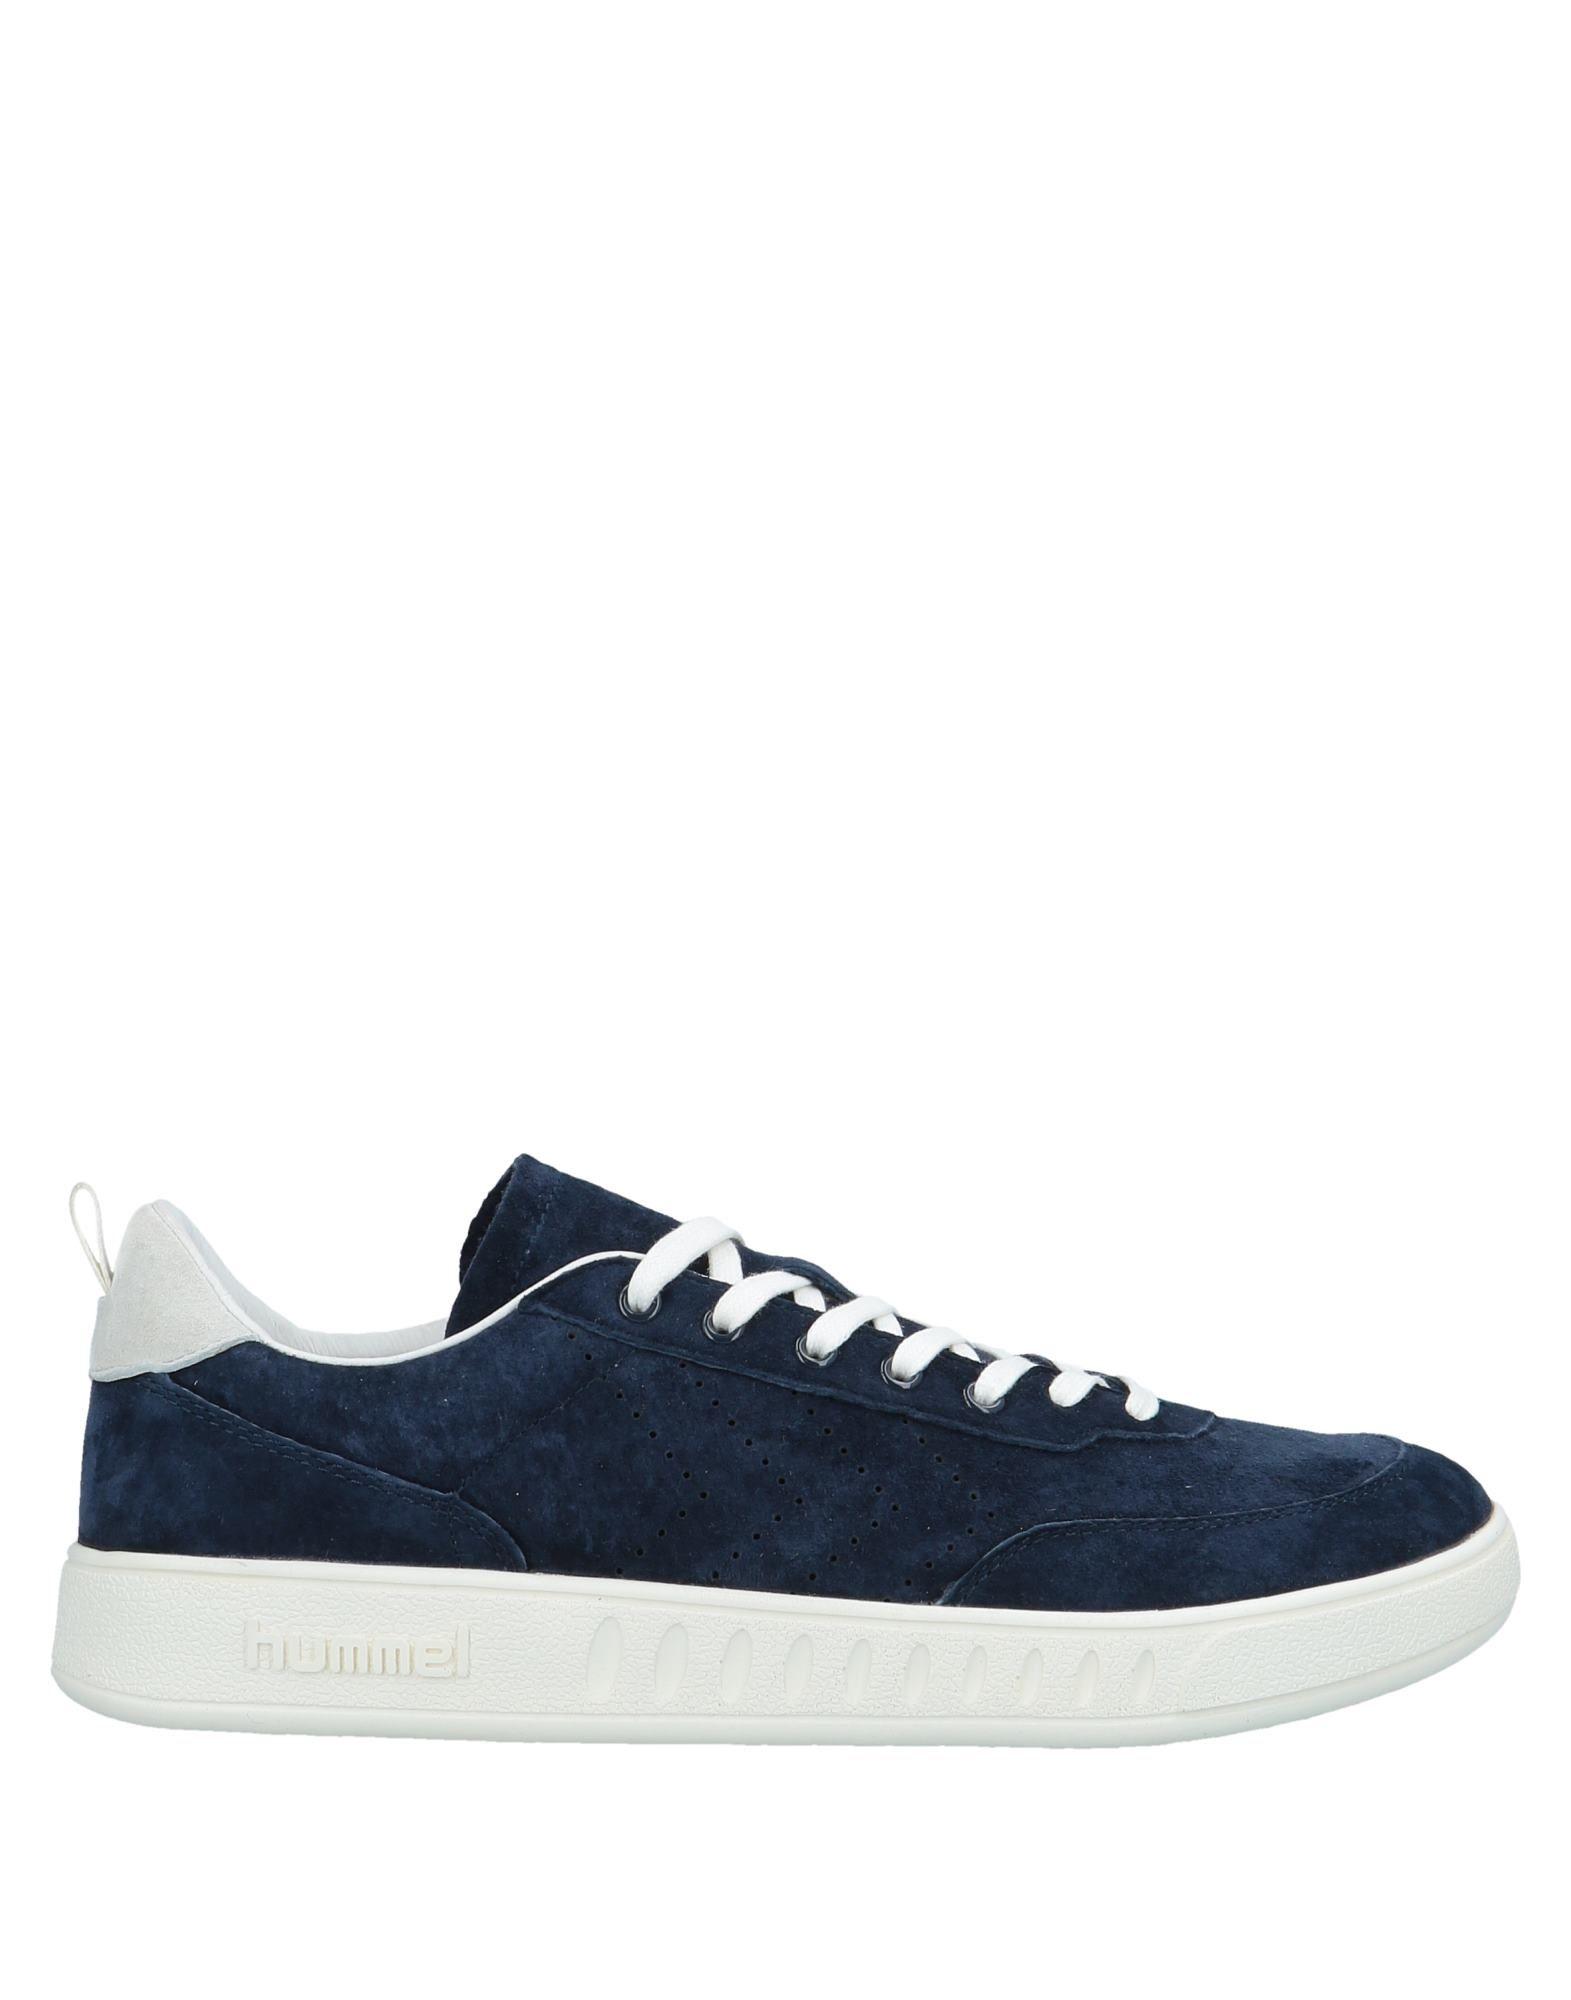 Rabatt echte Schuhe Hummel Sneakers Herren  11561046OS